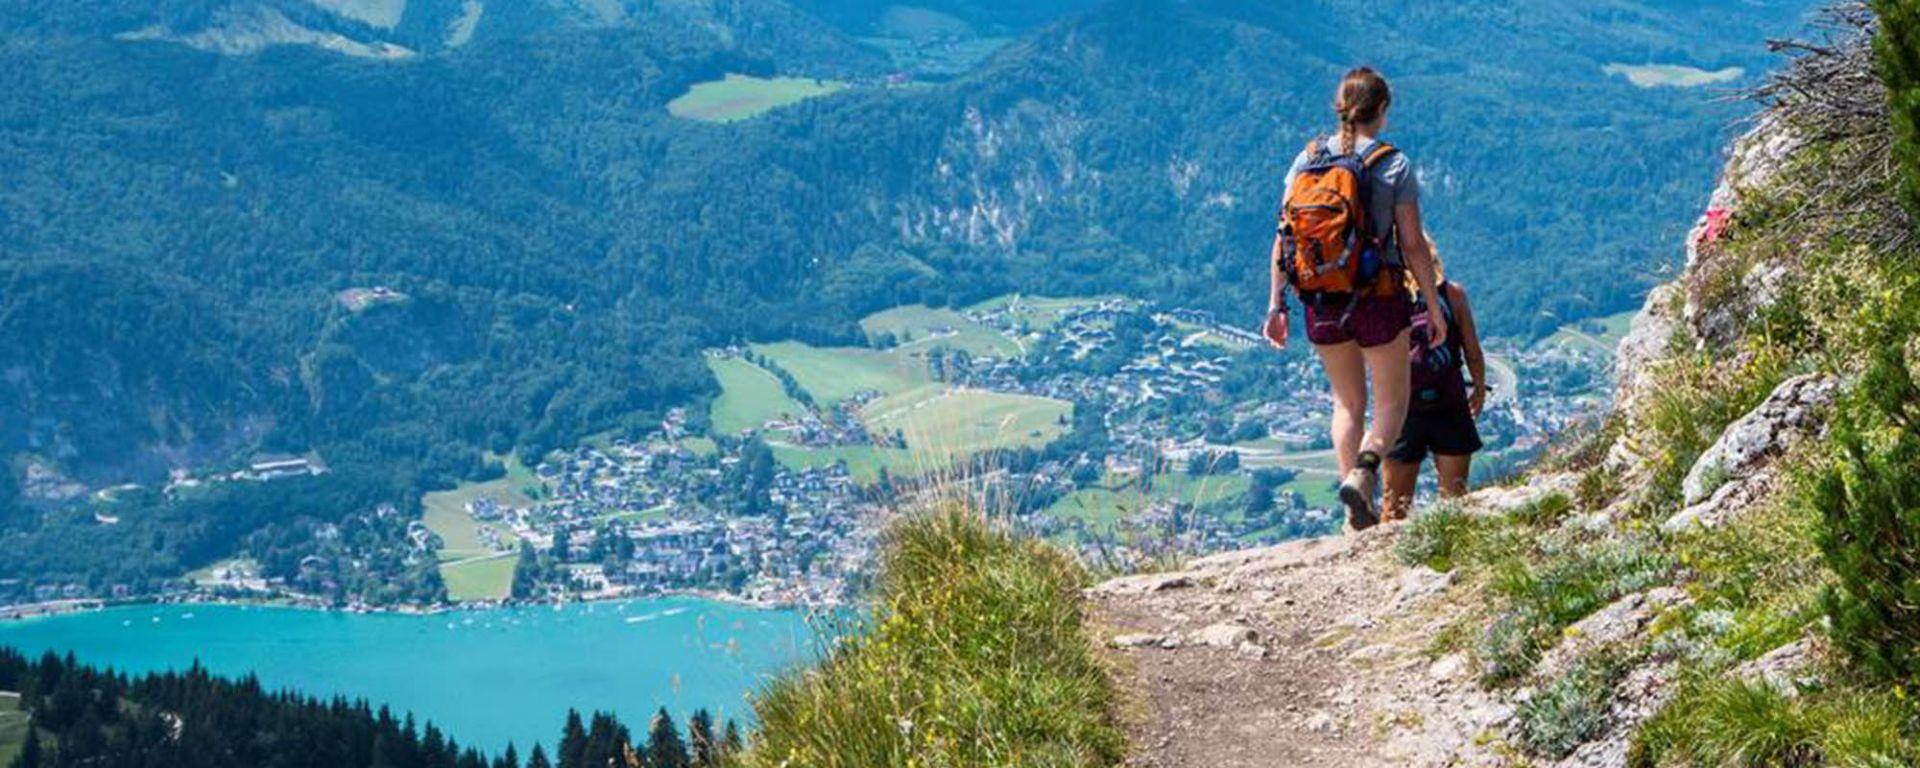 Salzburg Pilgrim Trail Header